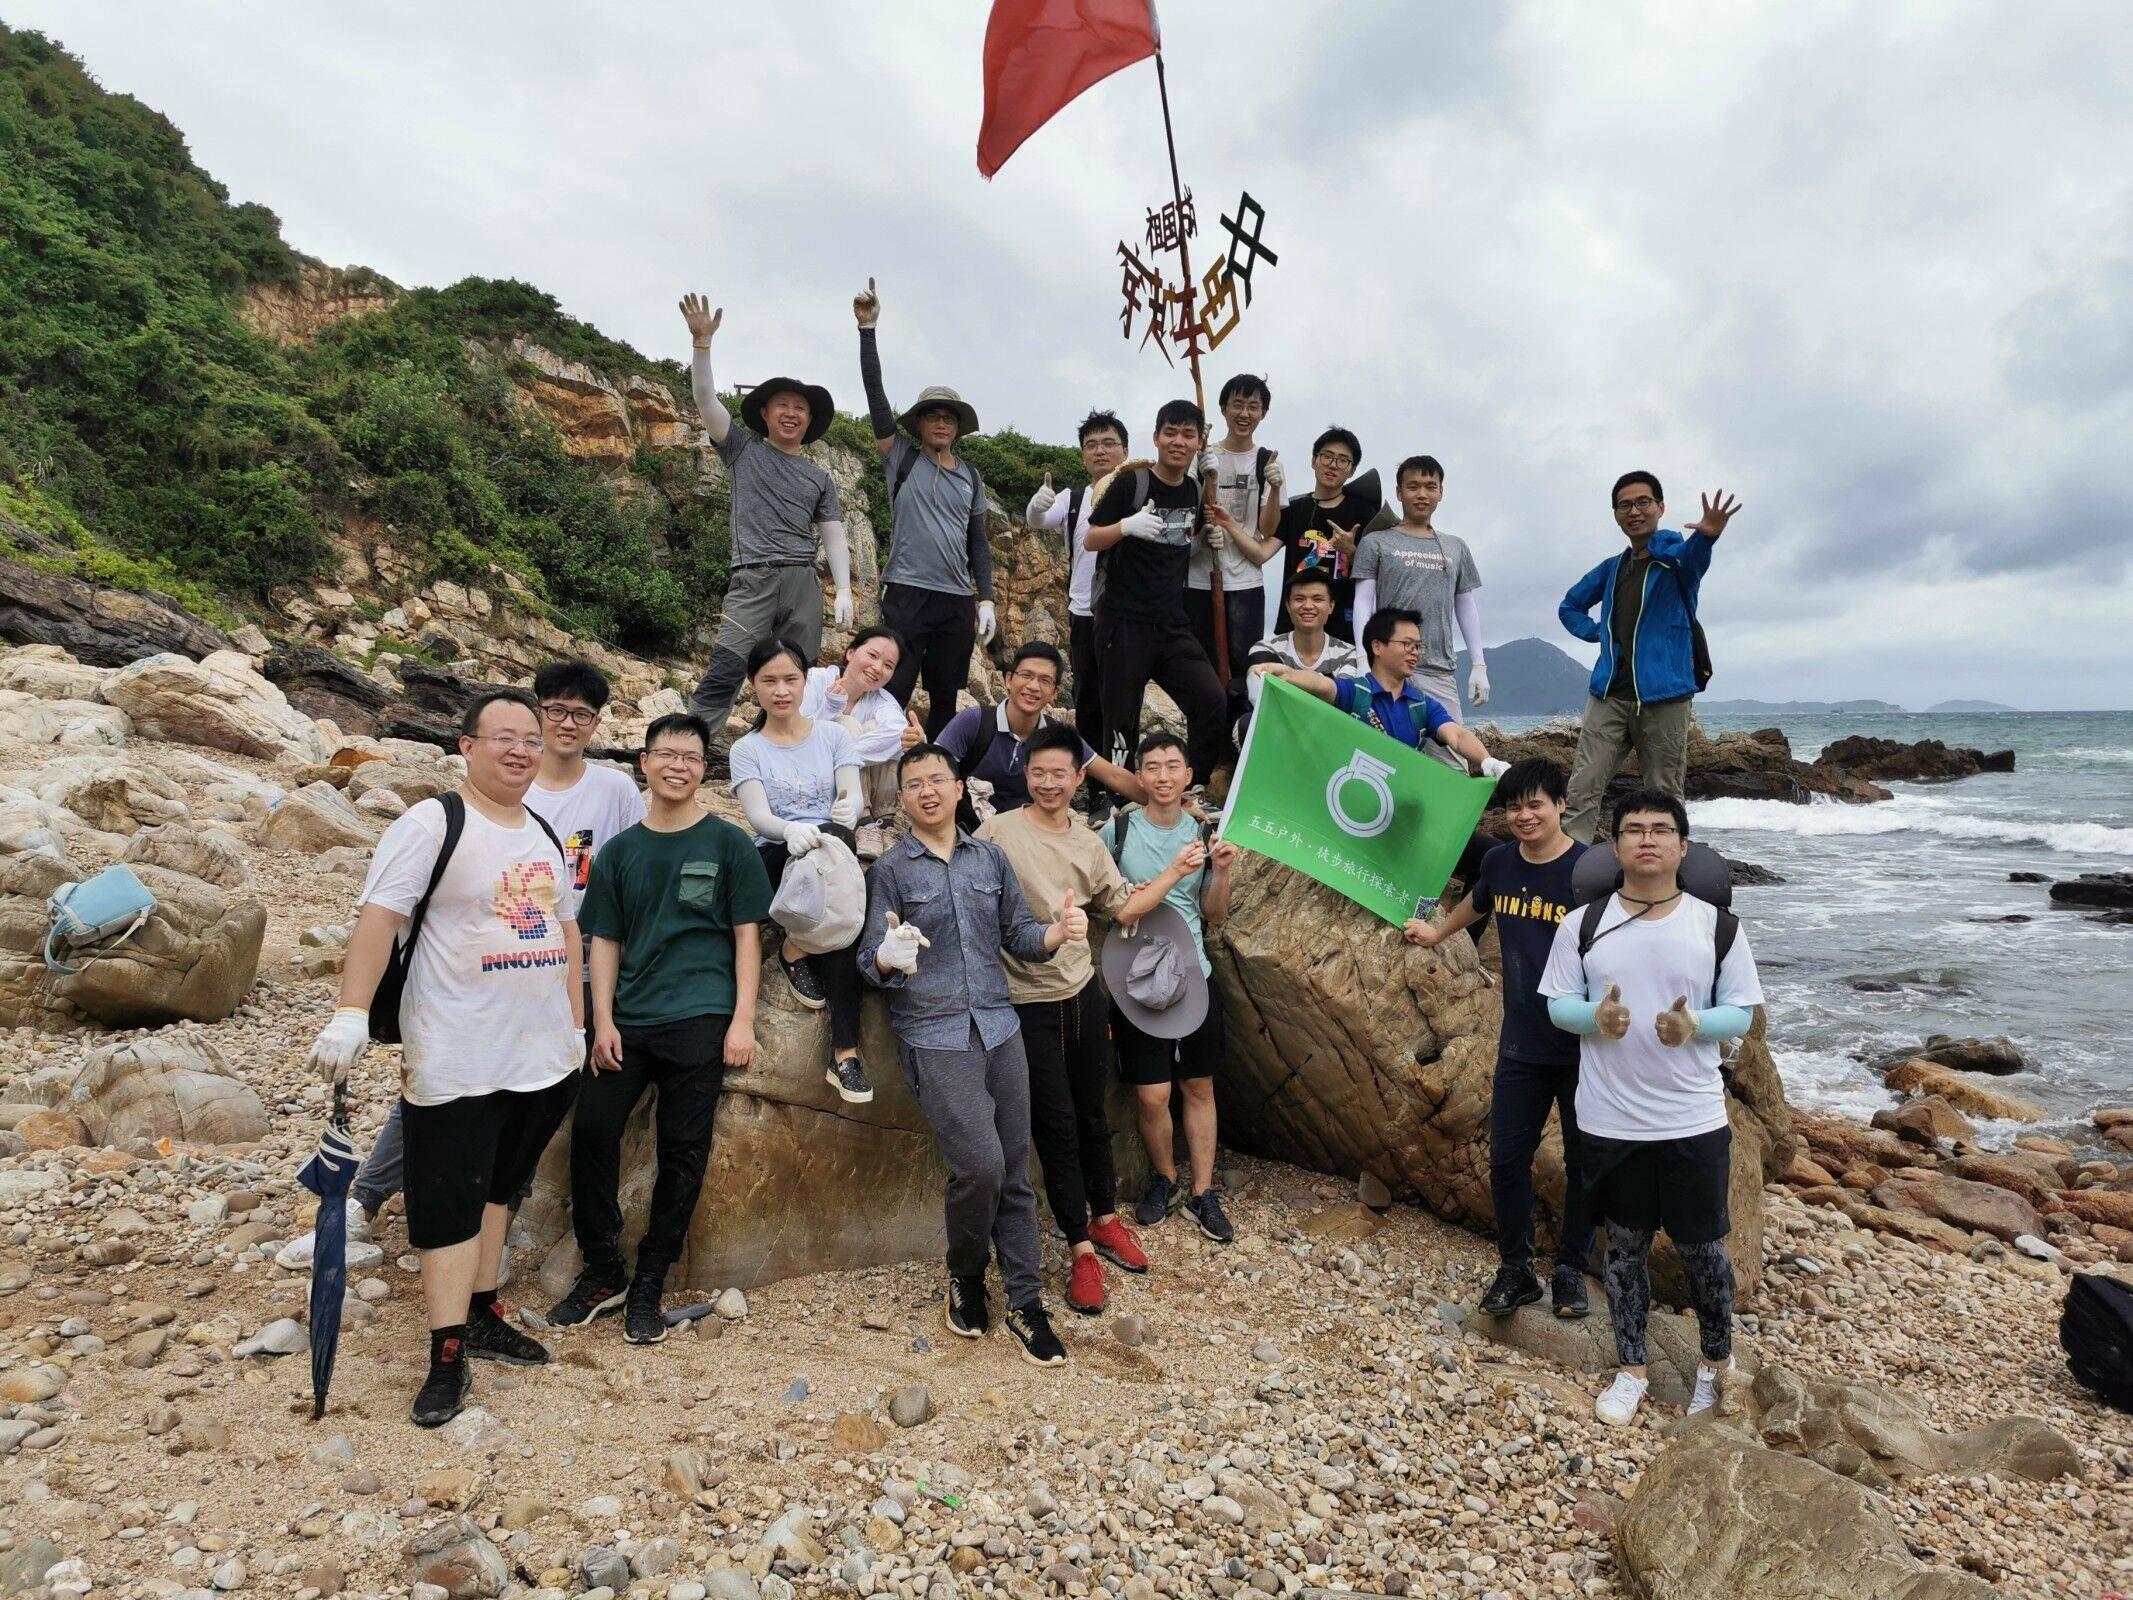 2020.07.31 深圳东西冲团建-公司部门团队建设